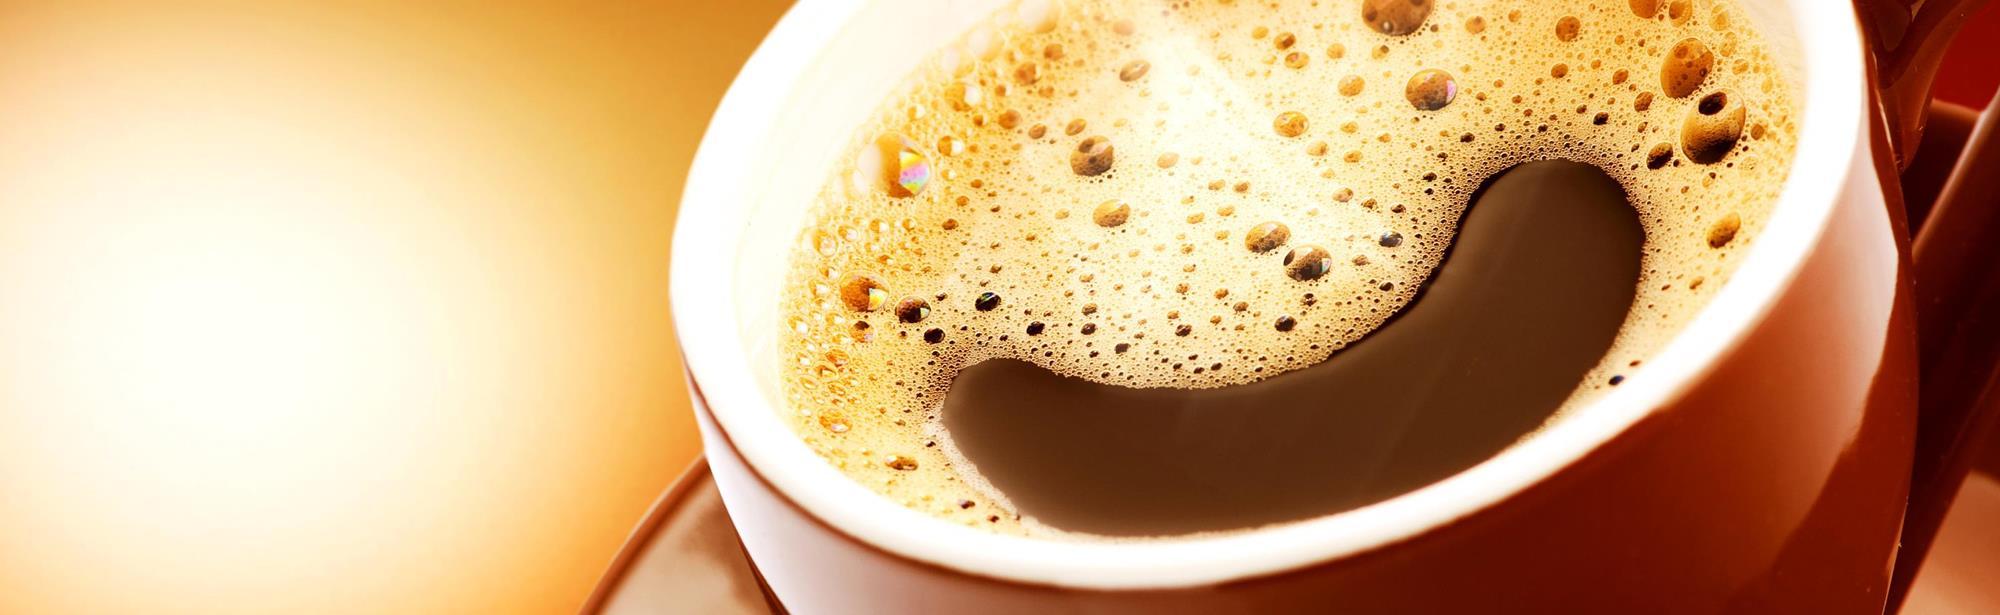 Coffee Mundo The Library Espresso & Brew Bar